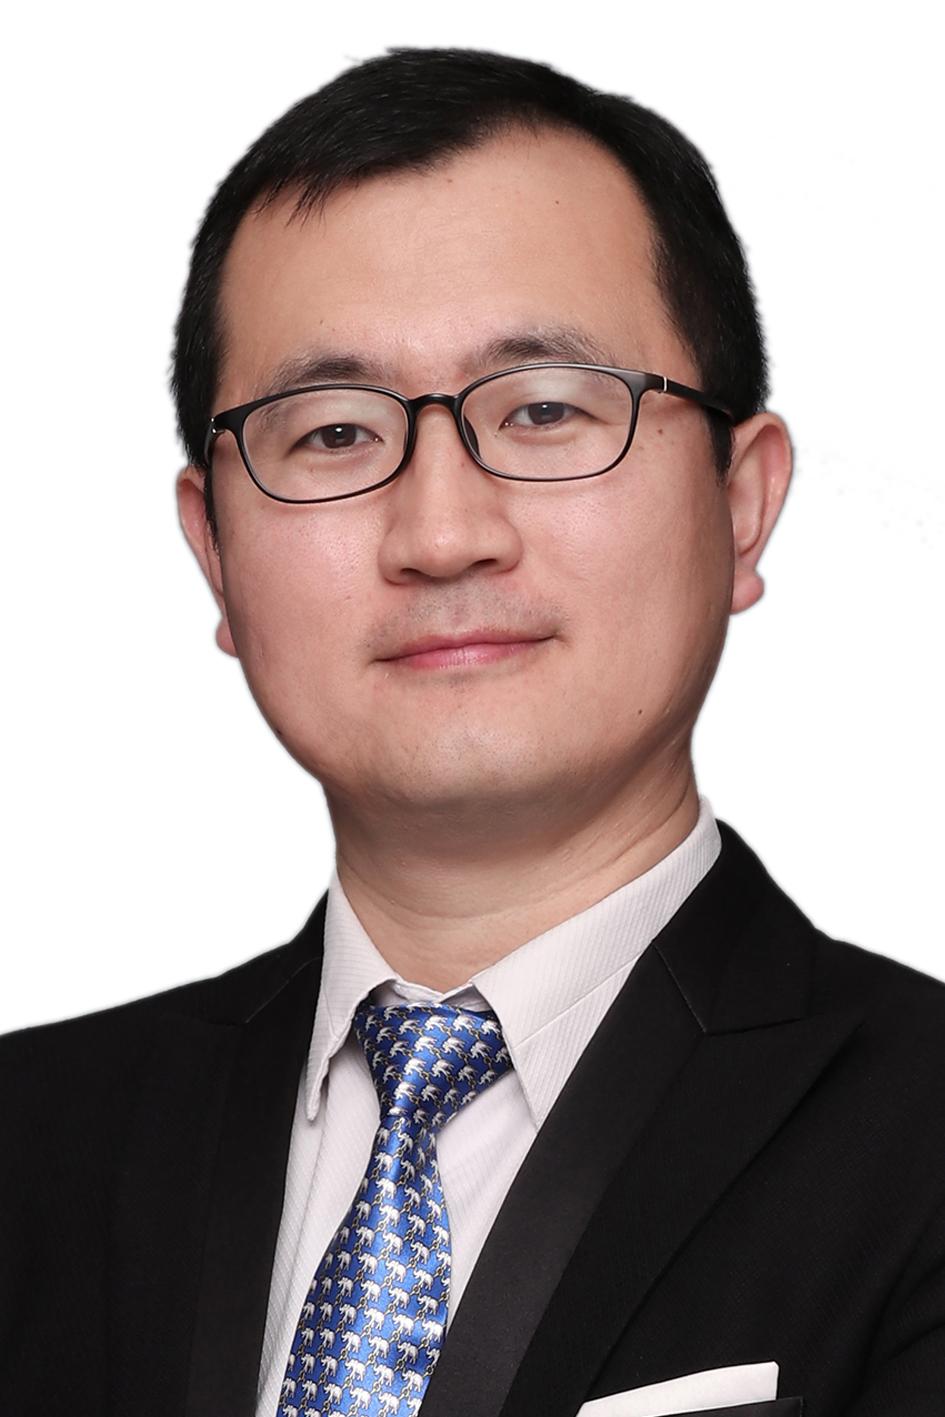 Guo Yunfei